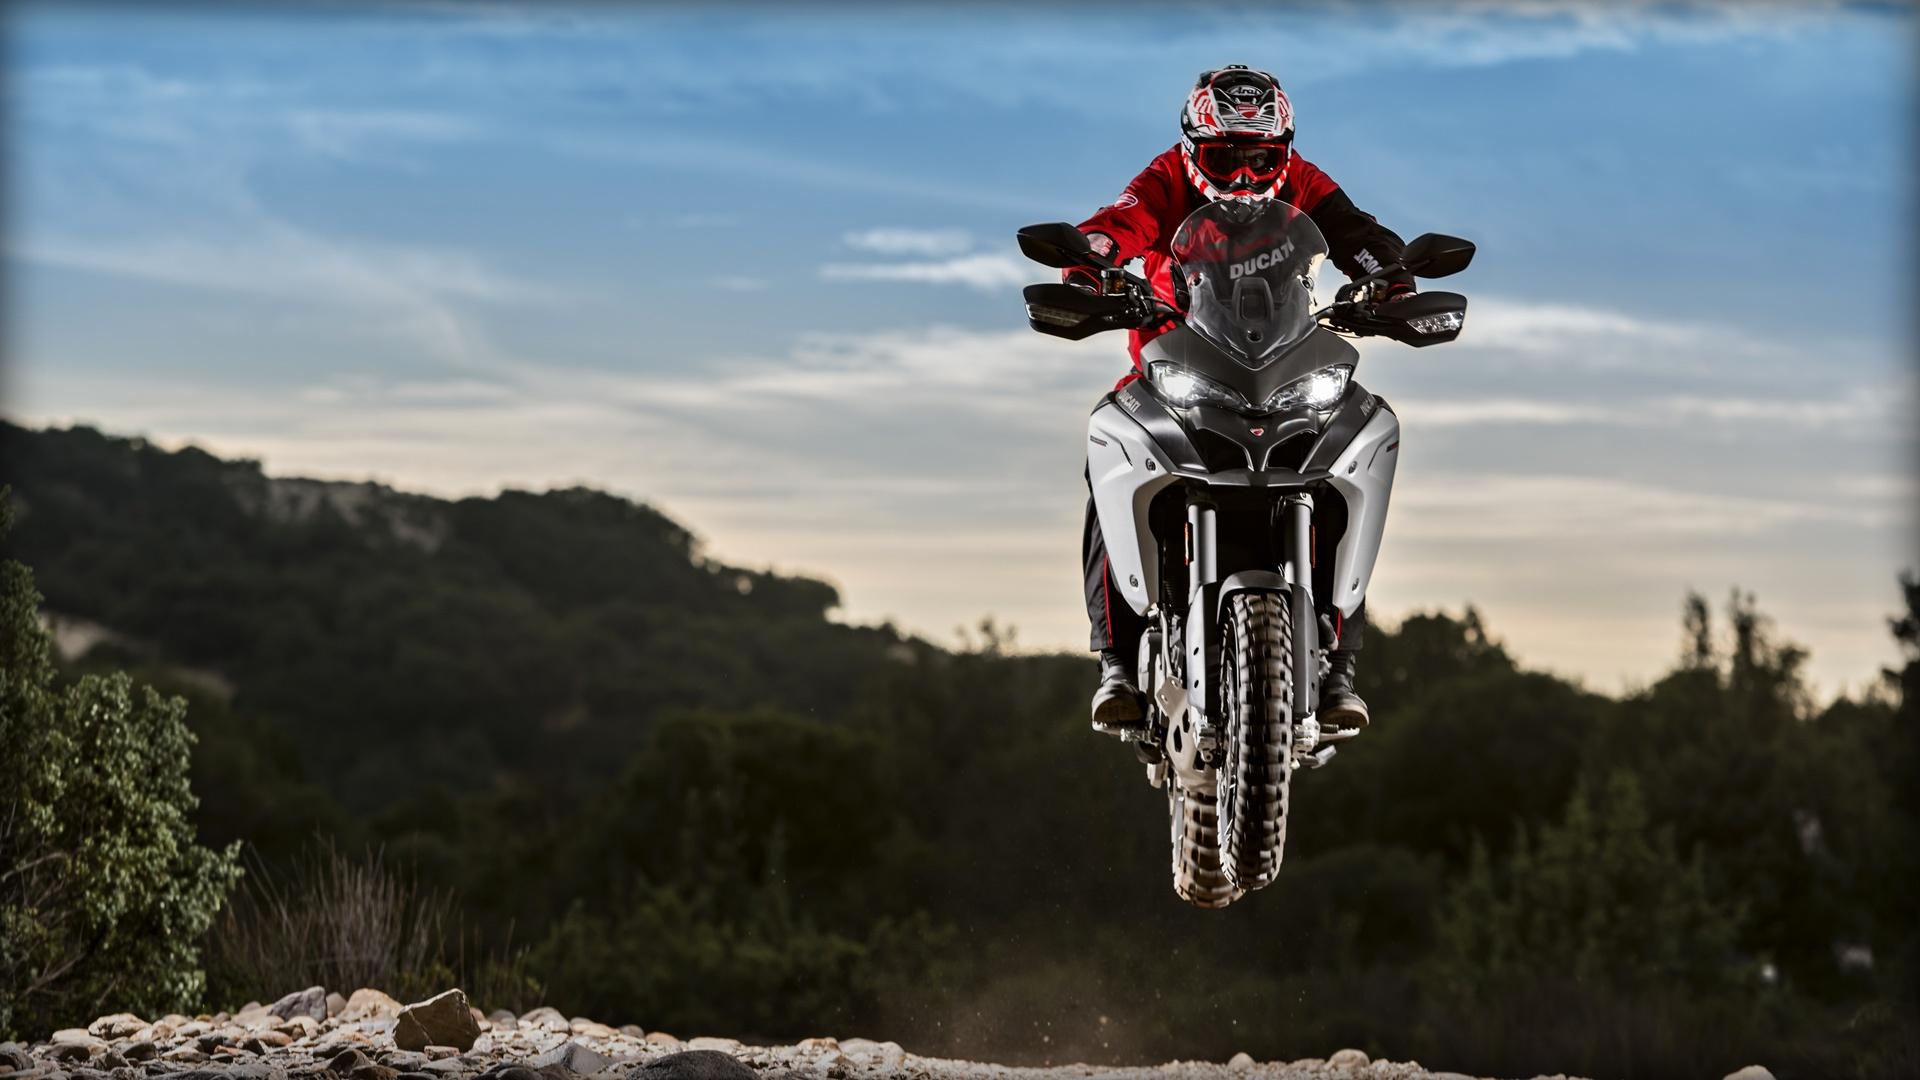 De noviazgo con la Ducati Multistrada Enduro